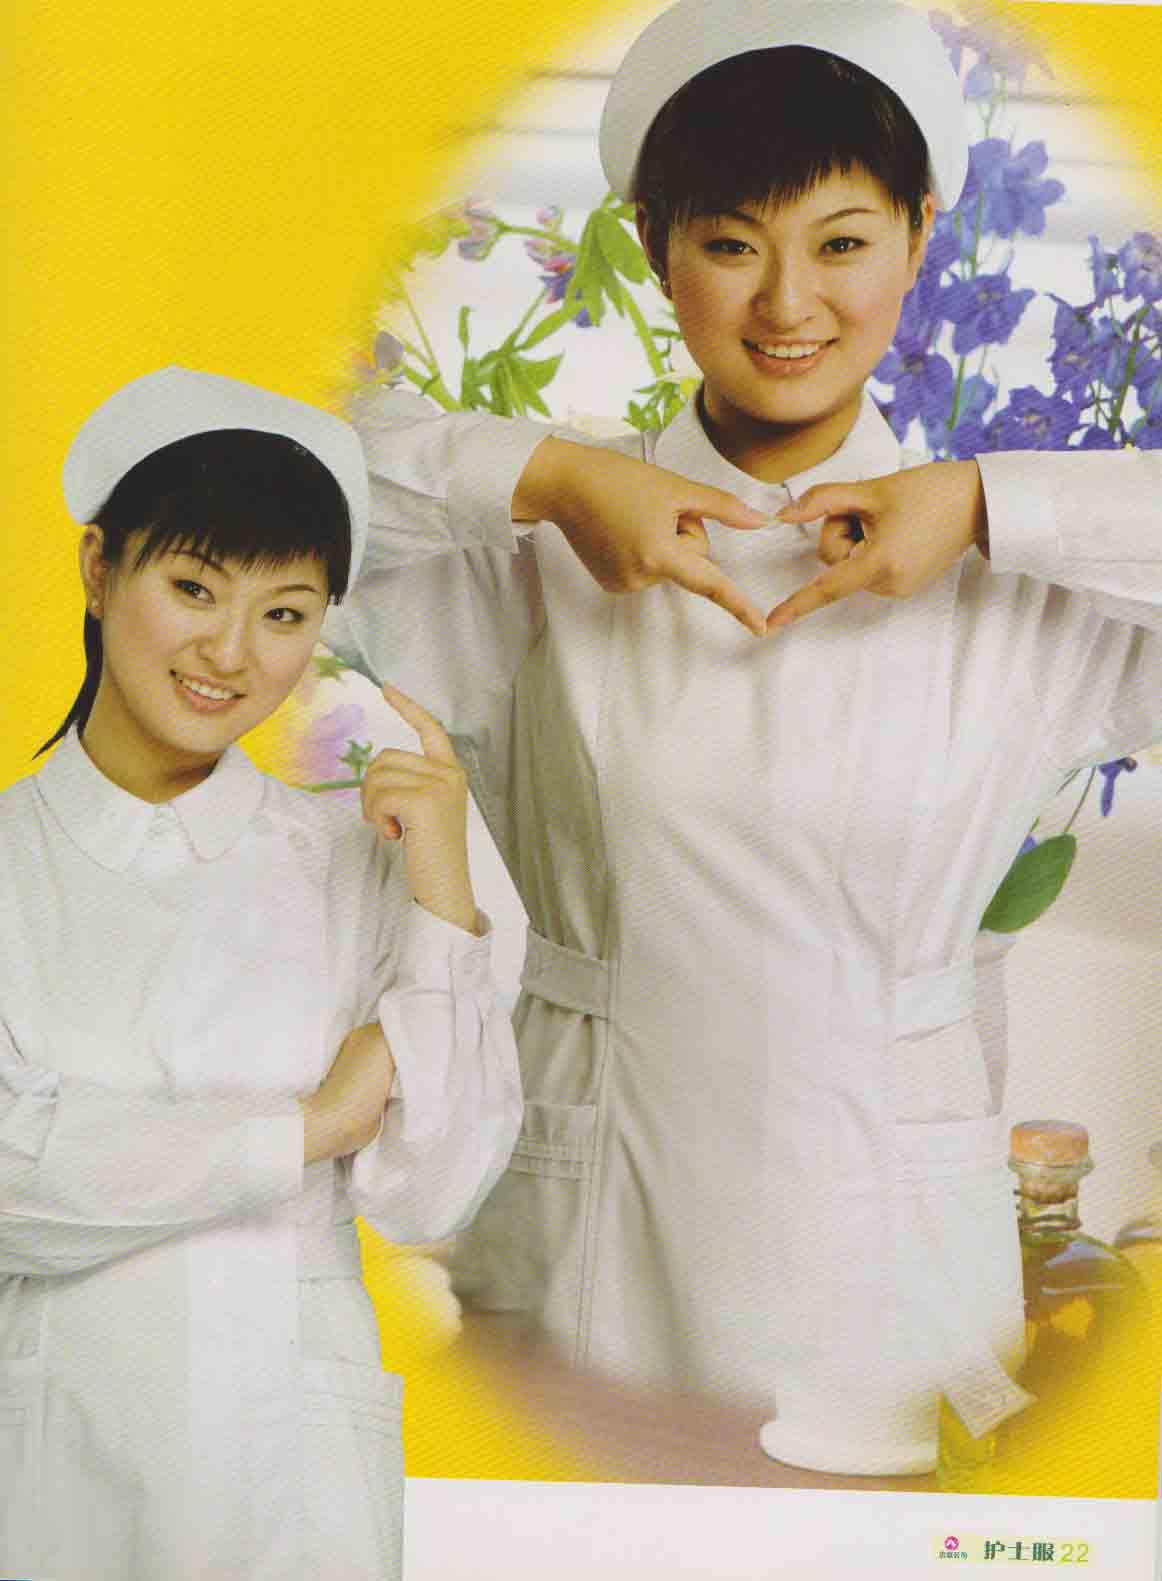 商品名称:护士服AA